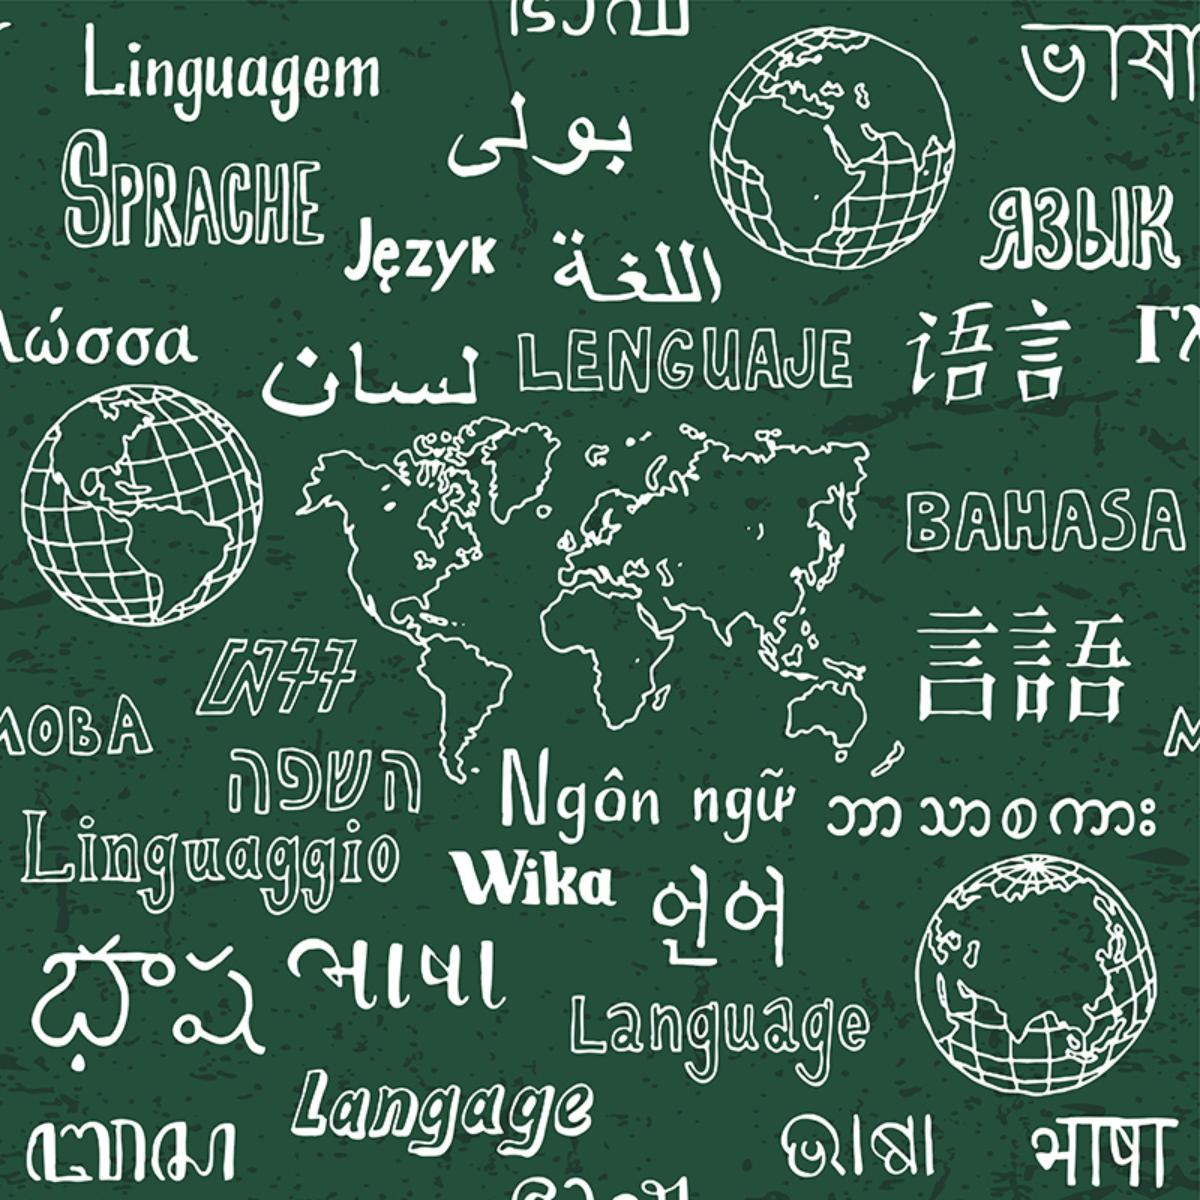 ภาษา/ทั่วไป-หมวดหมู่-หน้าปก-อุ๊คบี